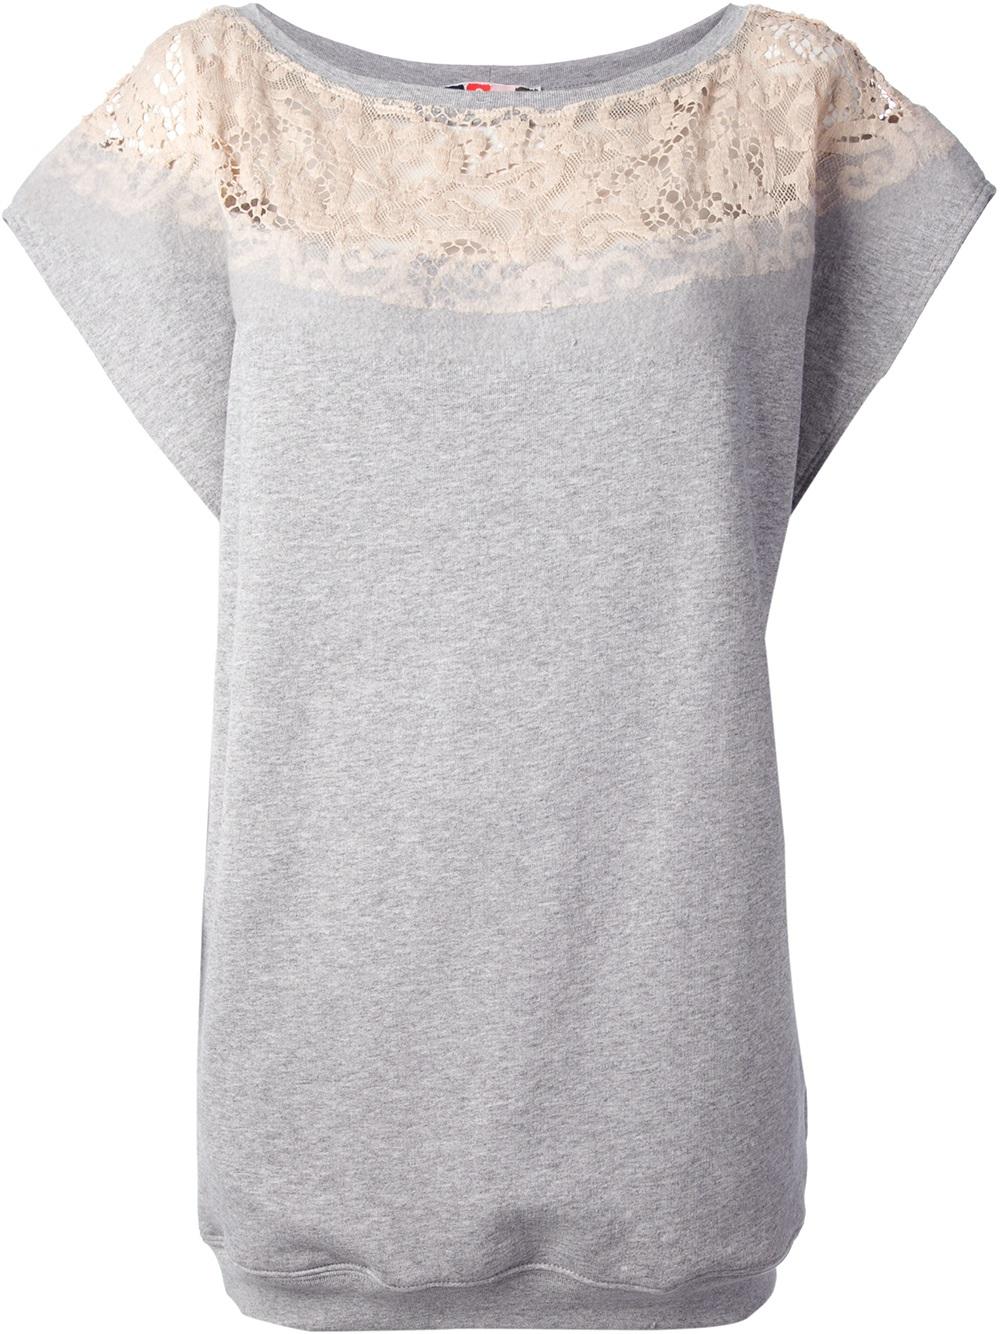 b9b84734d9 Lyst - MSGM Lace Trim Sweatshirt Dress in Gray